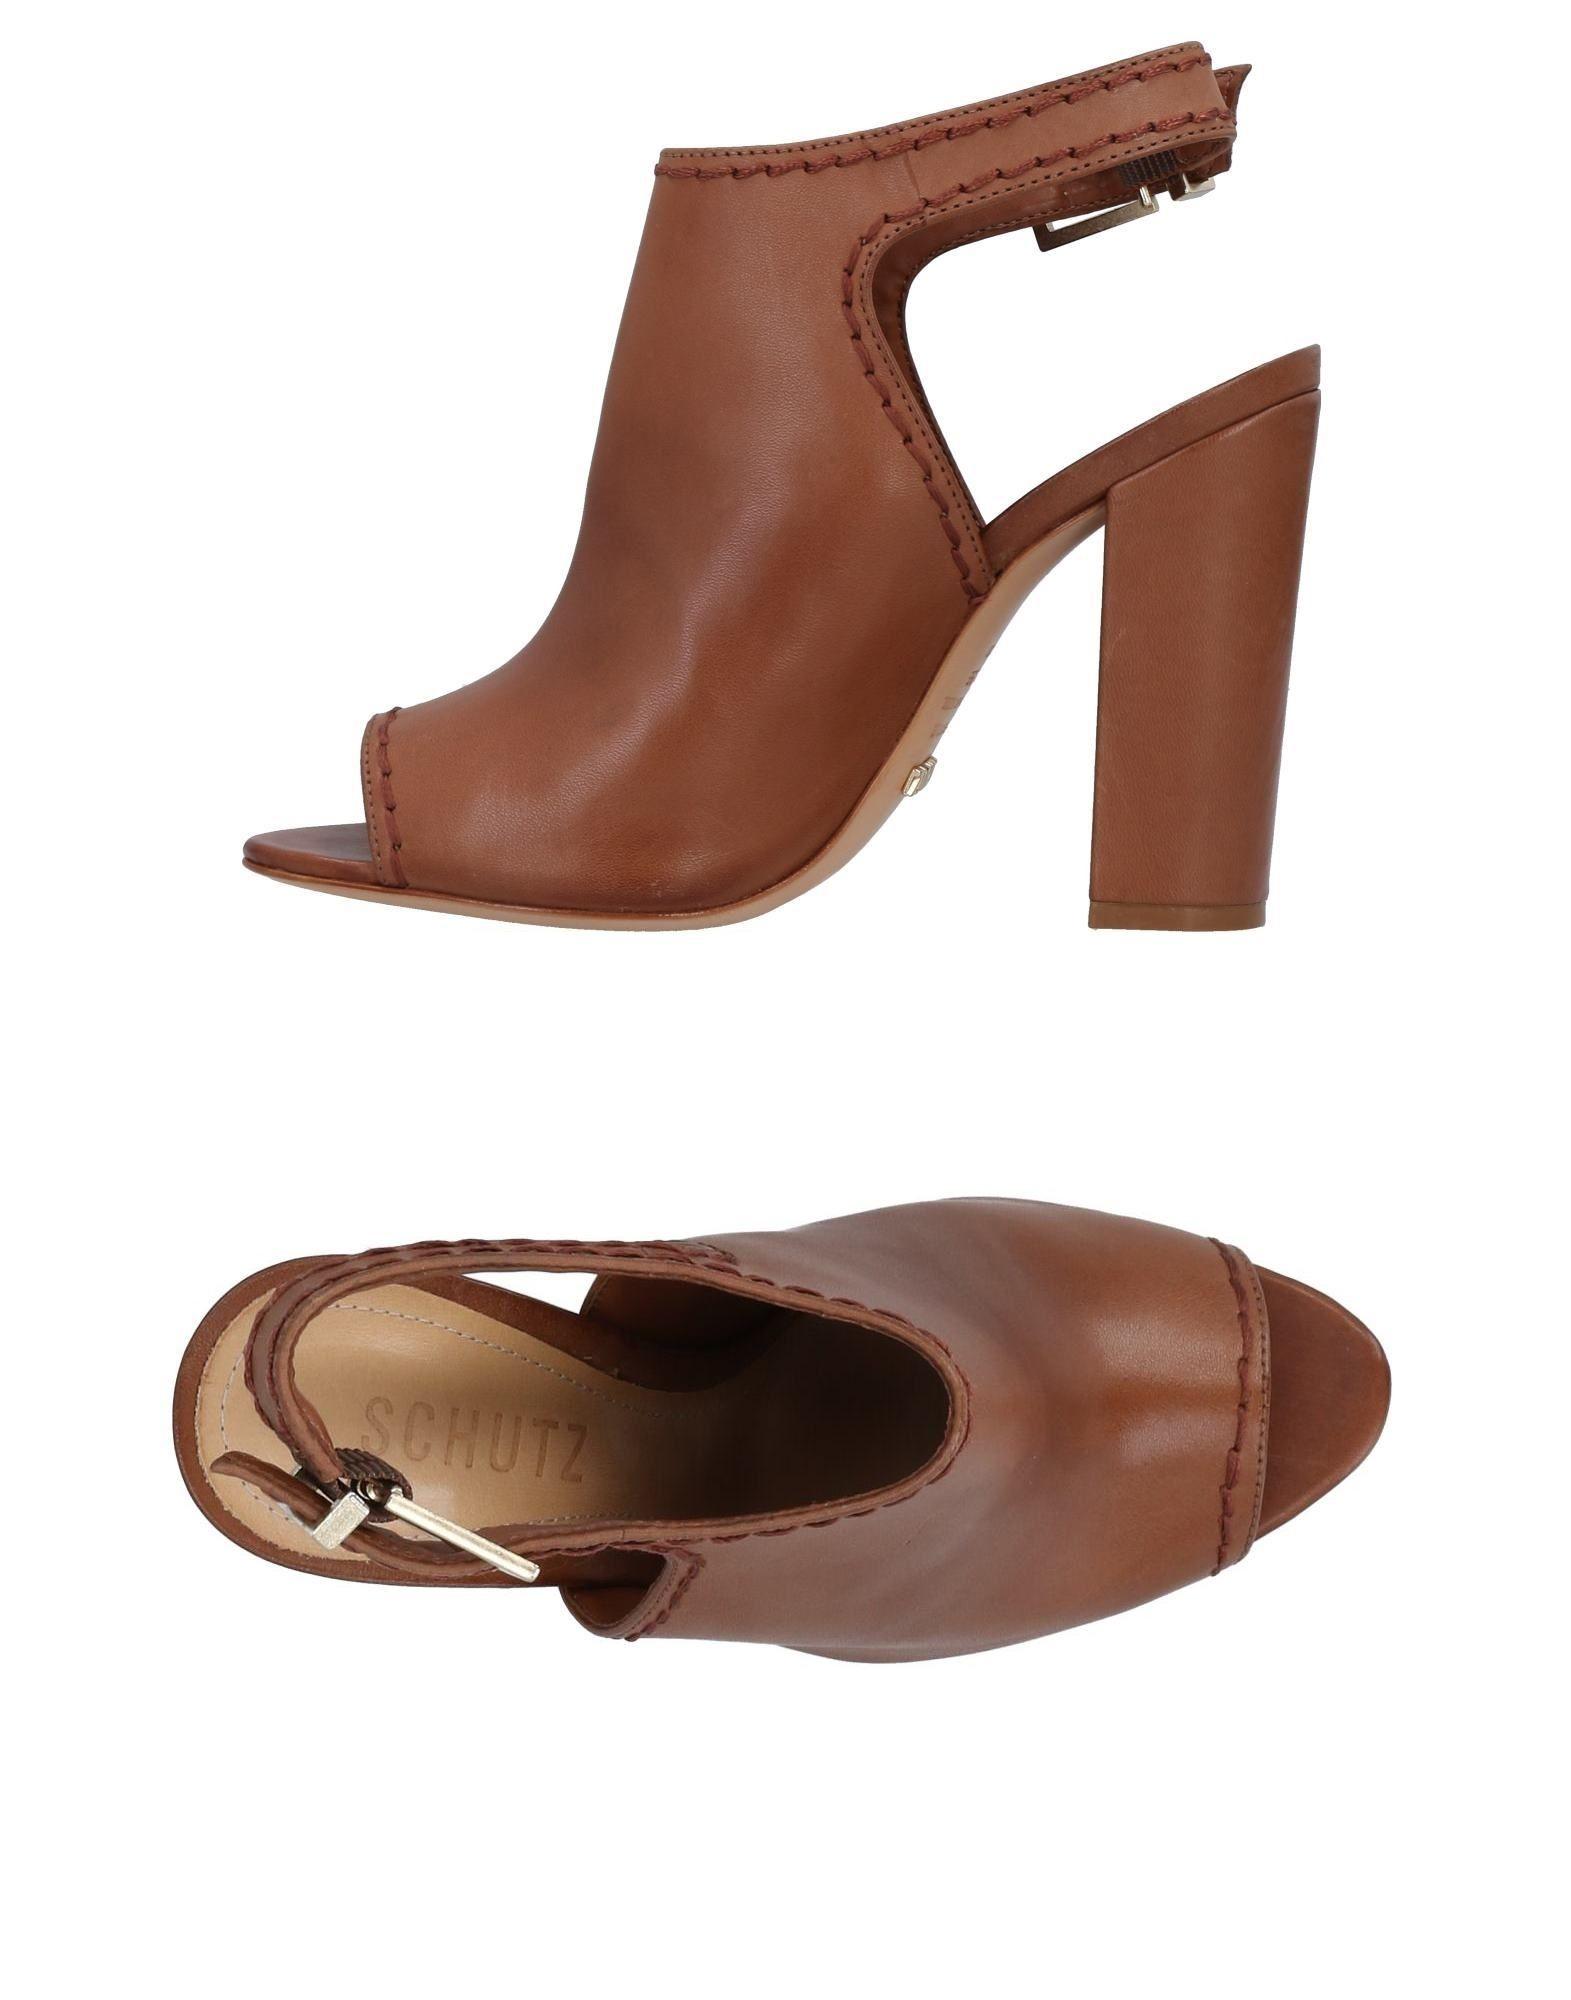 Schutz Sandalen Damen  11478486BC Gute Qualität beliebte Schuhe